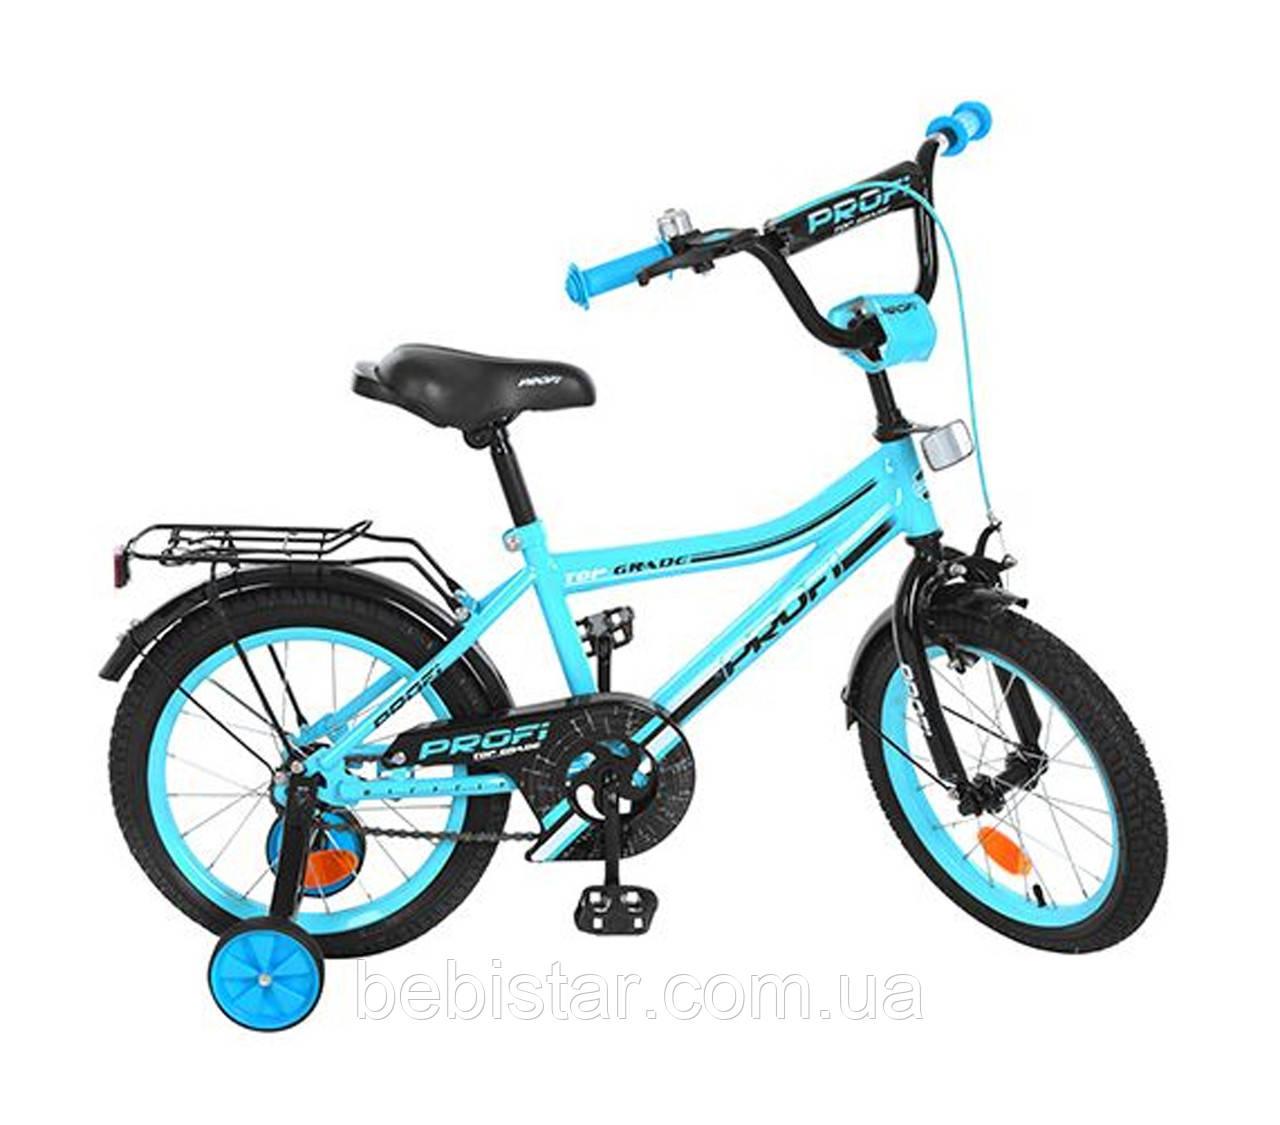 """Двухколесный велосипед  PROFI 16"""" Y16104 детям 5-6 лет цвет бирюзовый"""